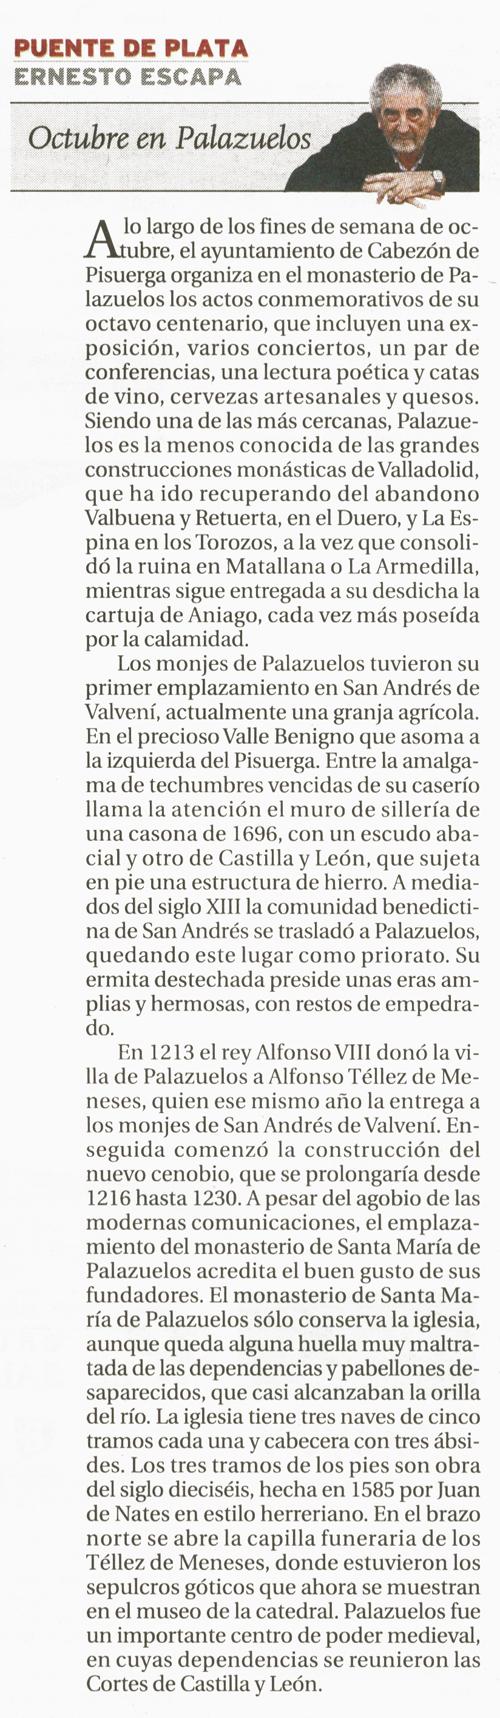 Octubre en Palazuelos por Ernesto Escapa